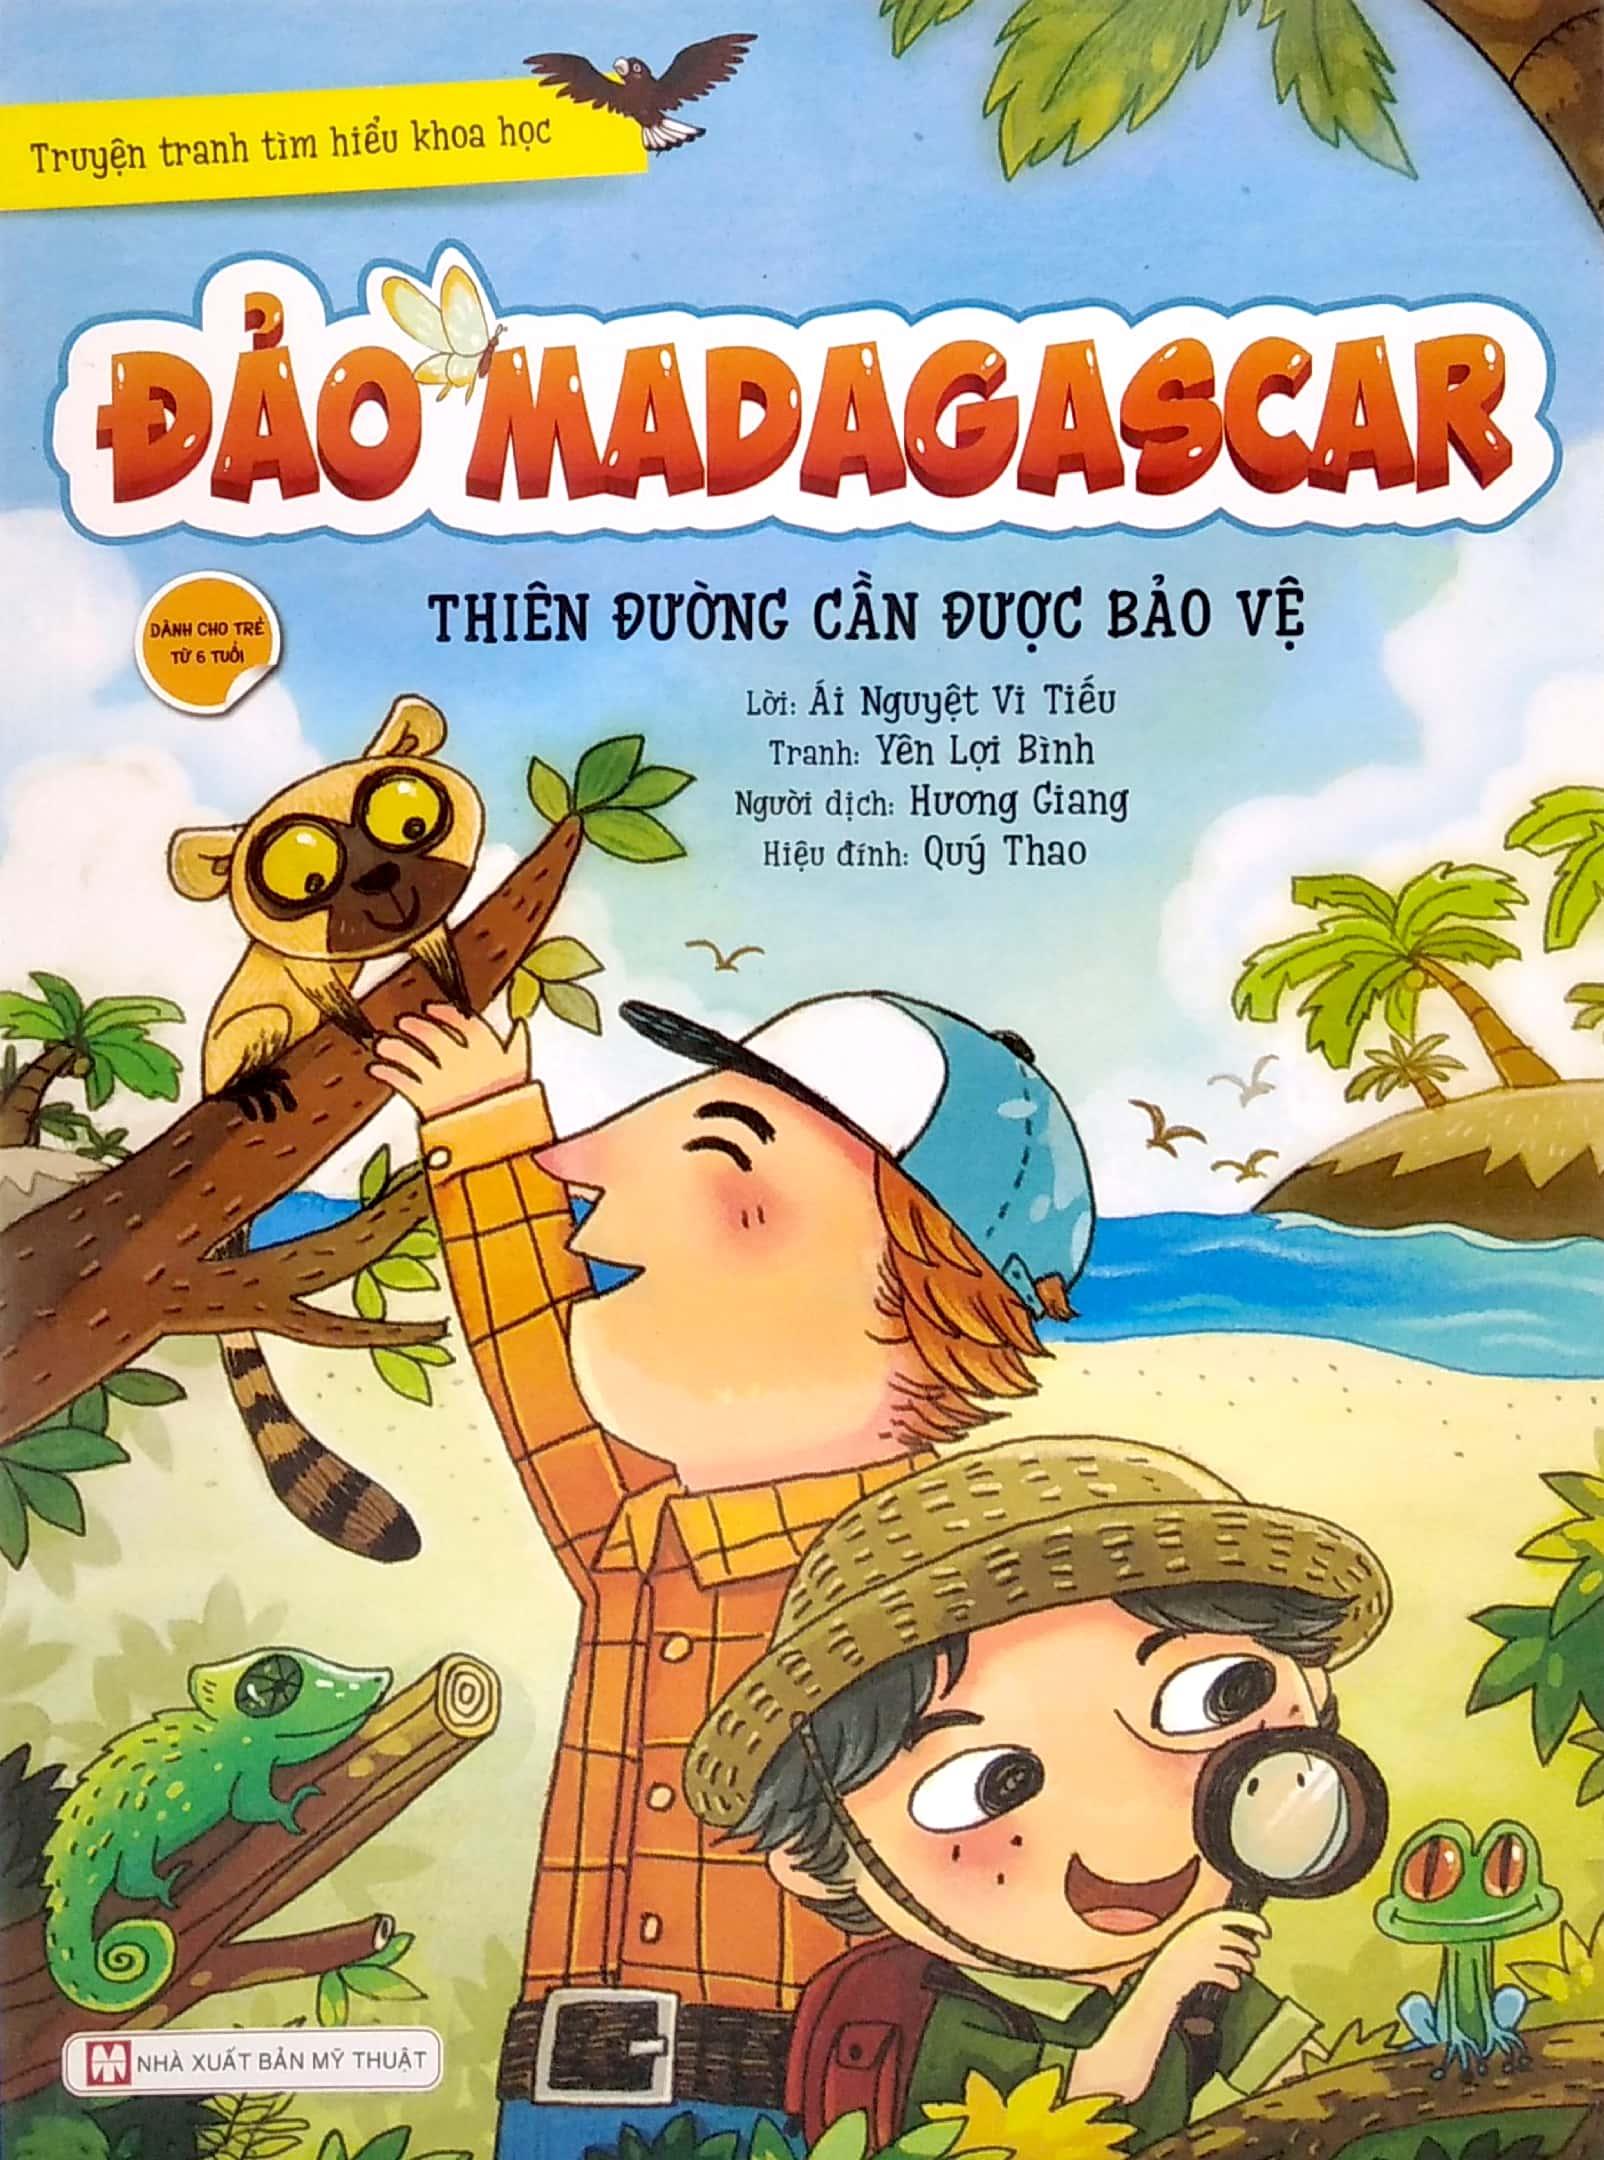 55_Truyện tranh tìm hiểu khoa học - Đảo Madagascar